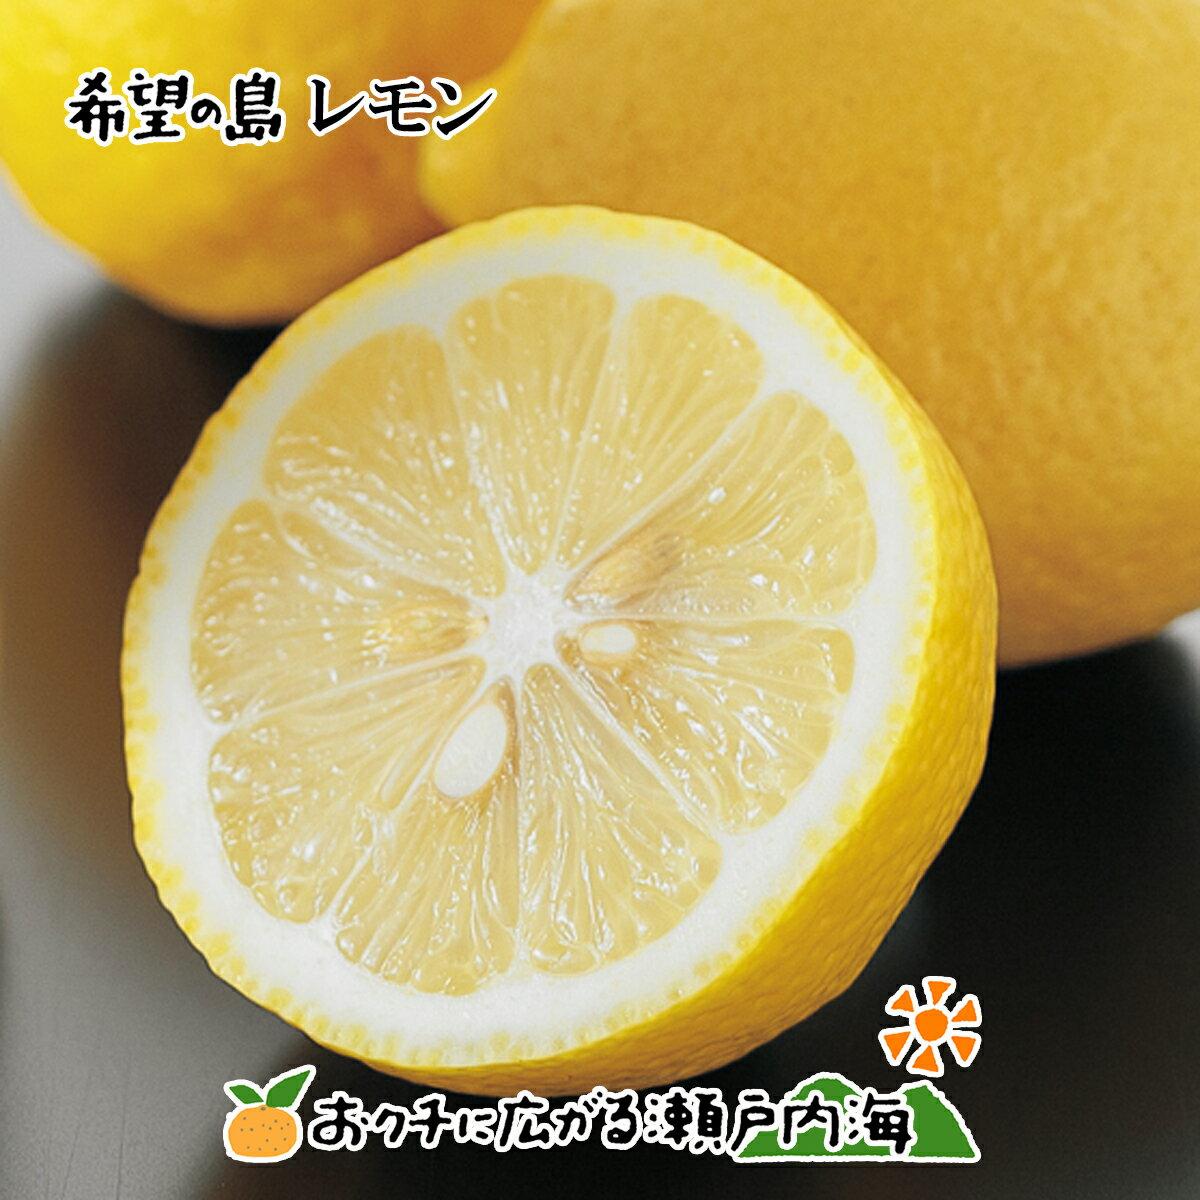 【訳あり】希望の島 国産レモン 2kg 残留農薬ゼロユーレカレモン 国産 愛媛 中島産